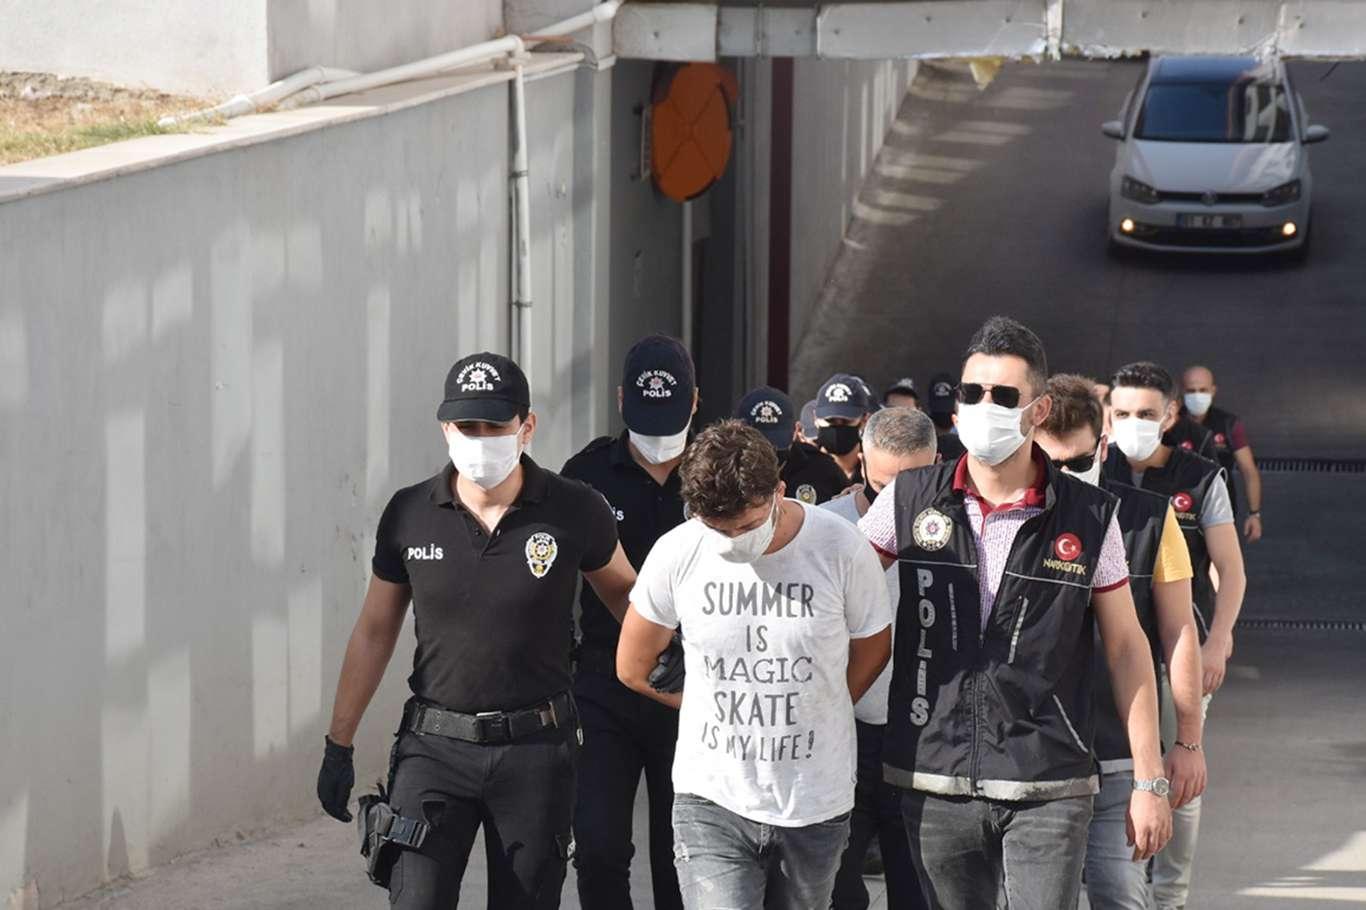 Mahkum ailelerine destek veren 19 kişi tutuklandı!